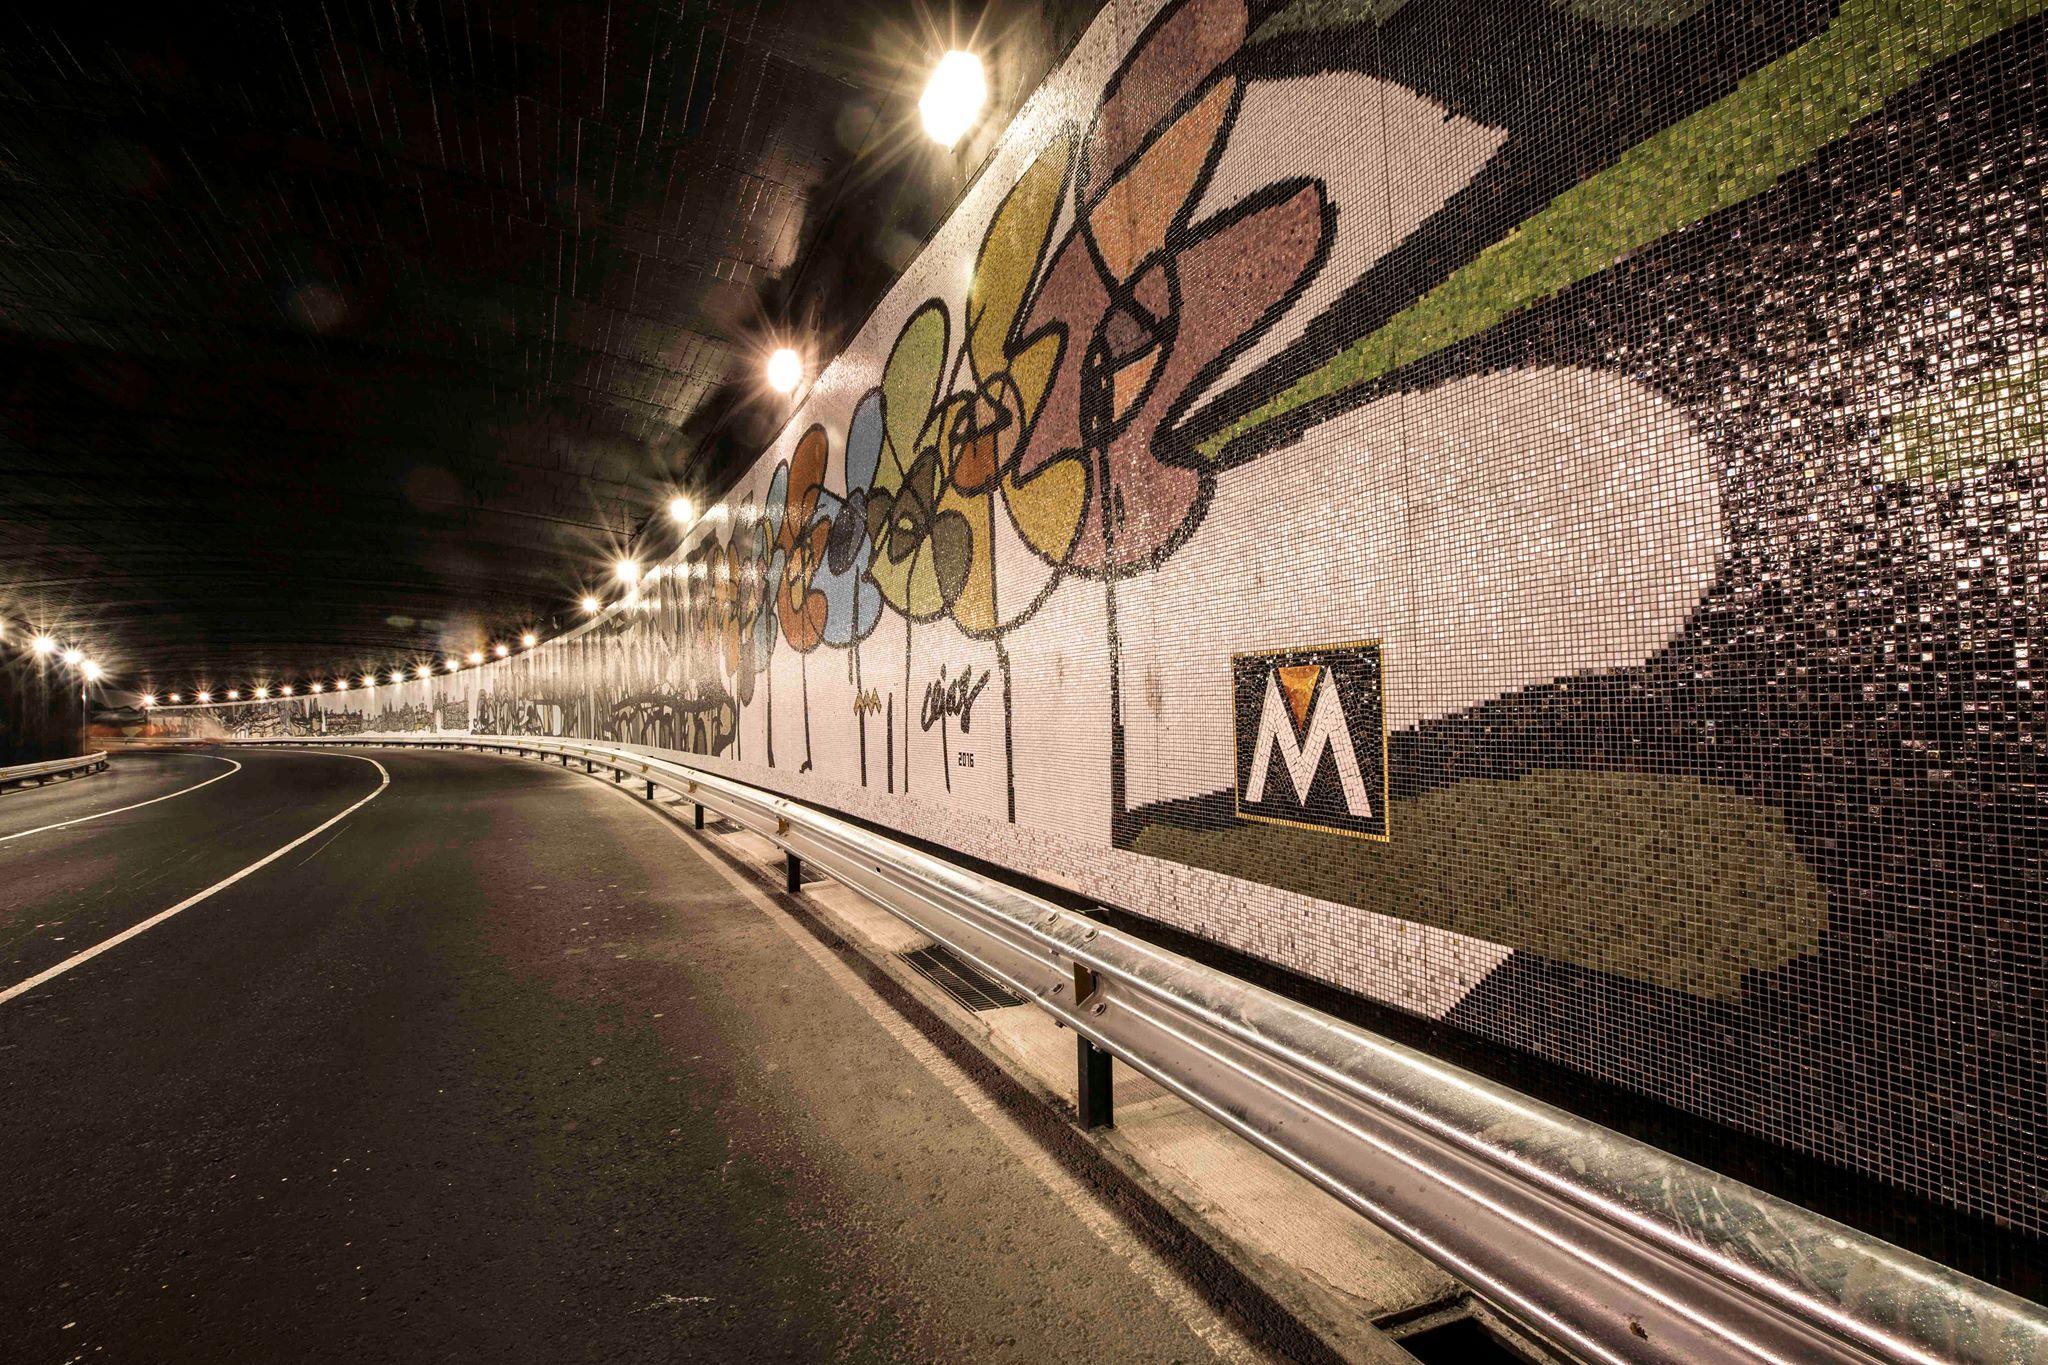 mural-bajo-el-puente-mvm-studios-mexico-20-noviembre